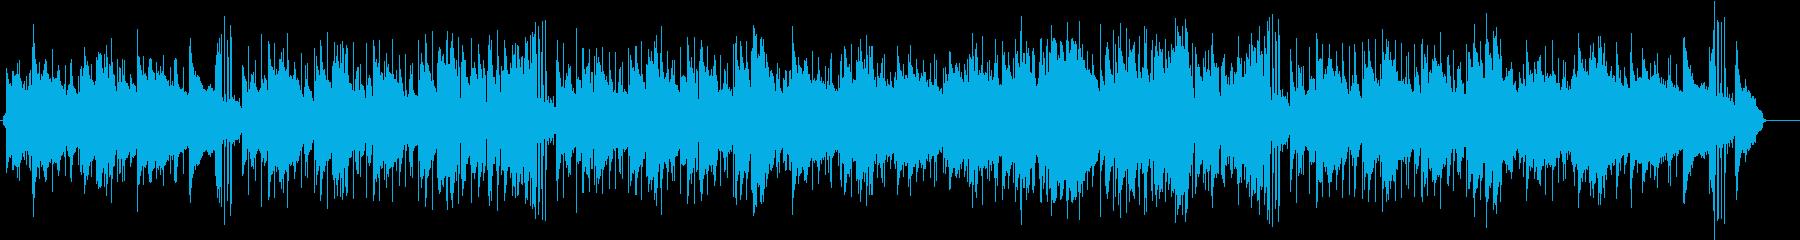 リゾートのウェディングパーティ風の入場曲の再生済みの波形